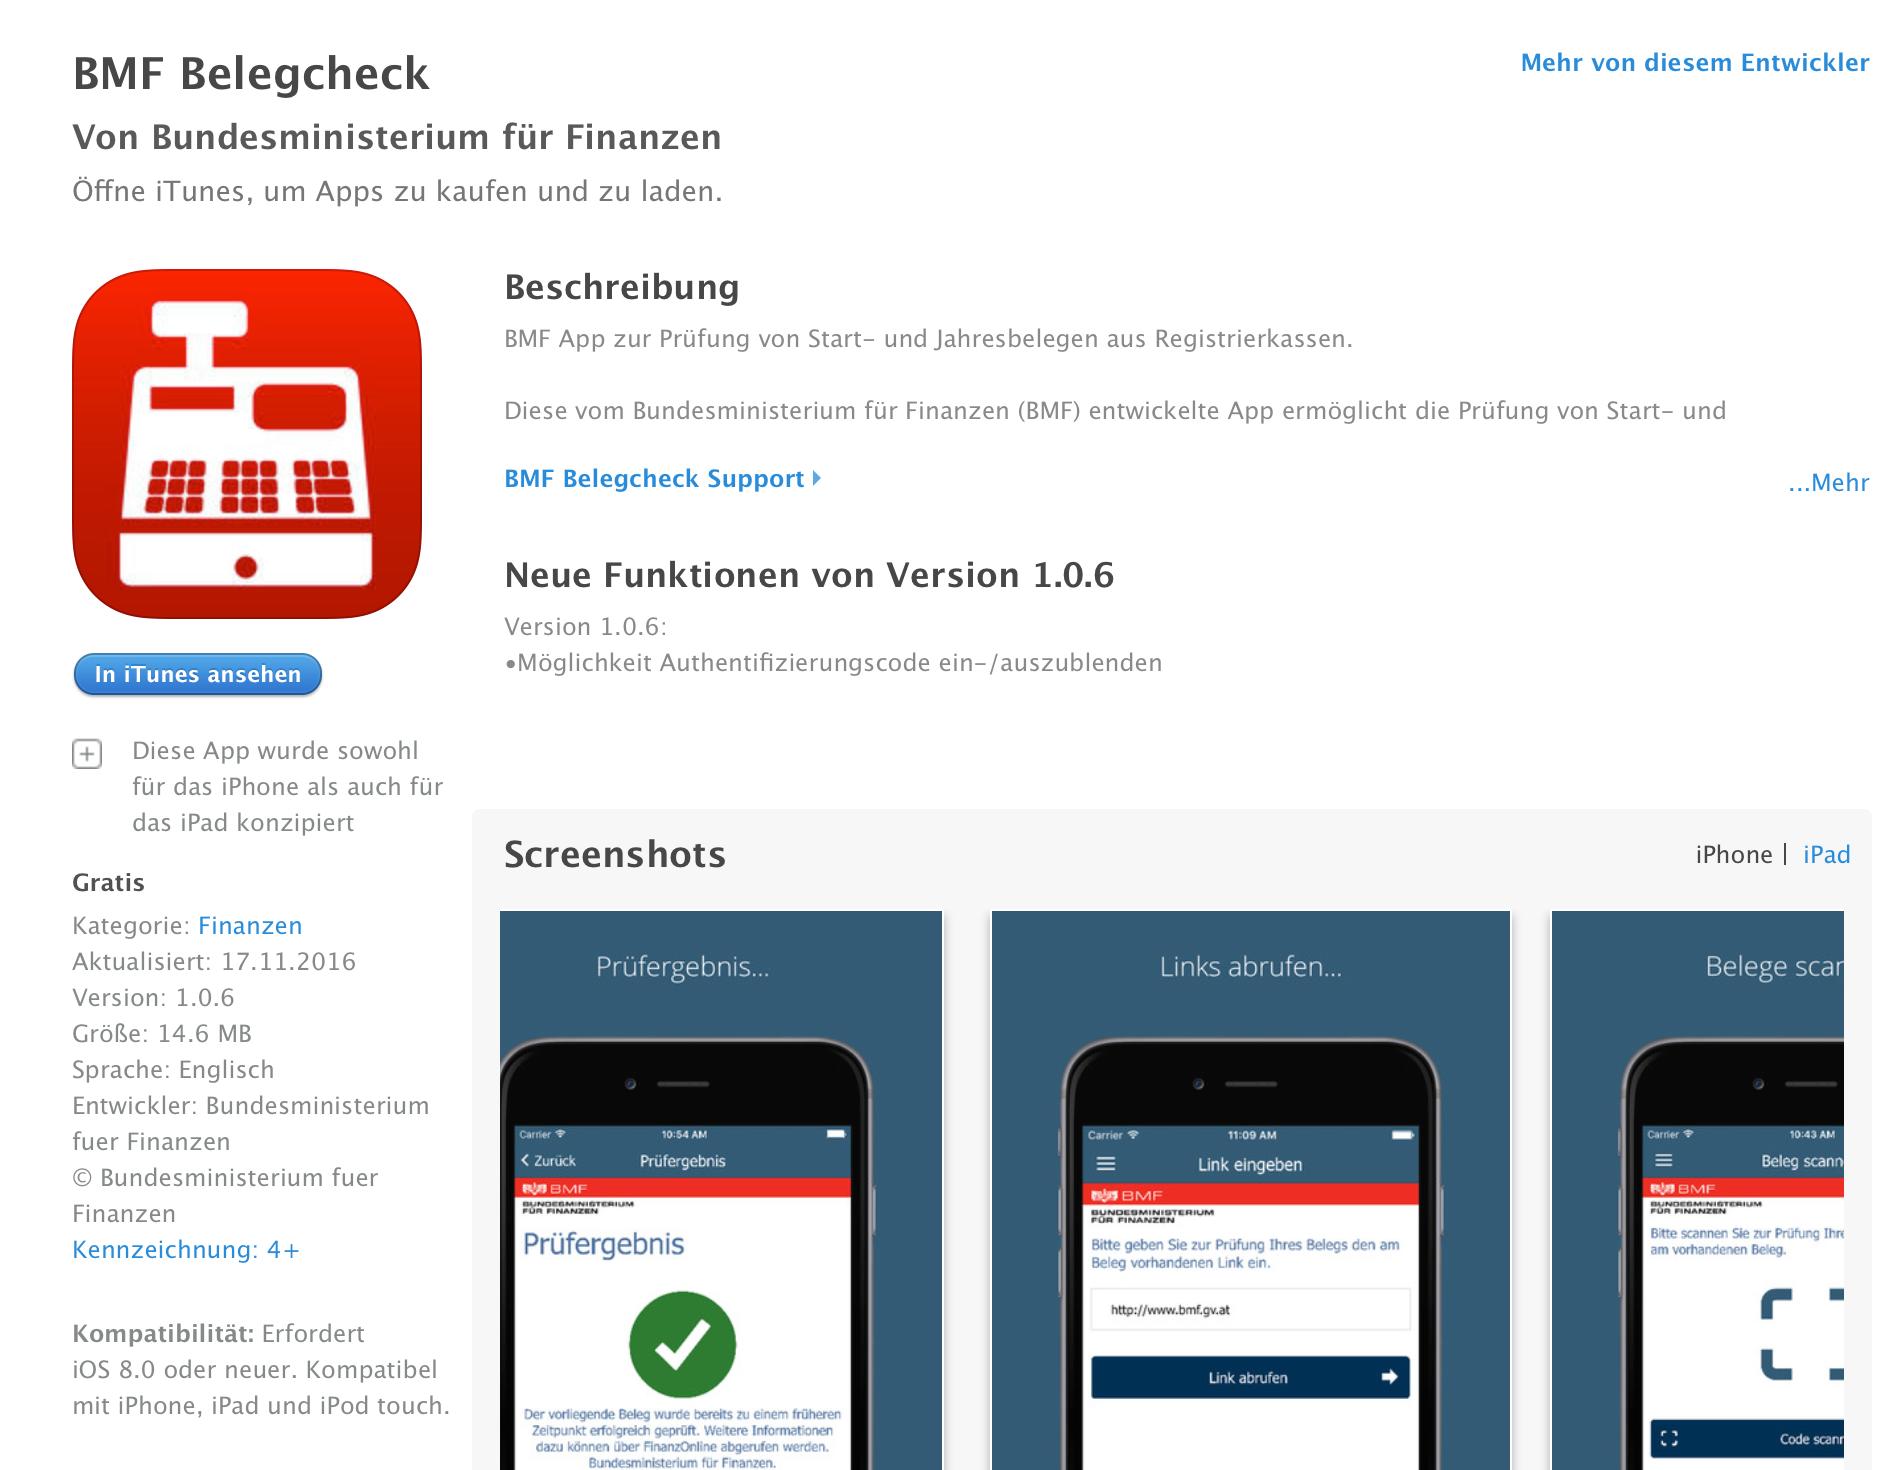 BMF Belegscheck App im App Store. Eine App um den Registrierkassen RKSV Startbeleg oder Jahresbeleg zu scannen und an FinanzOnline zu übermitteln.